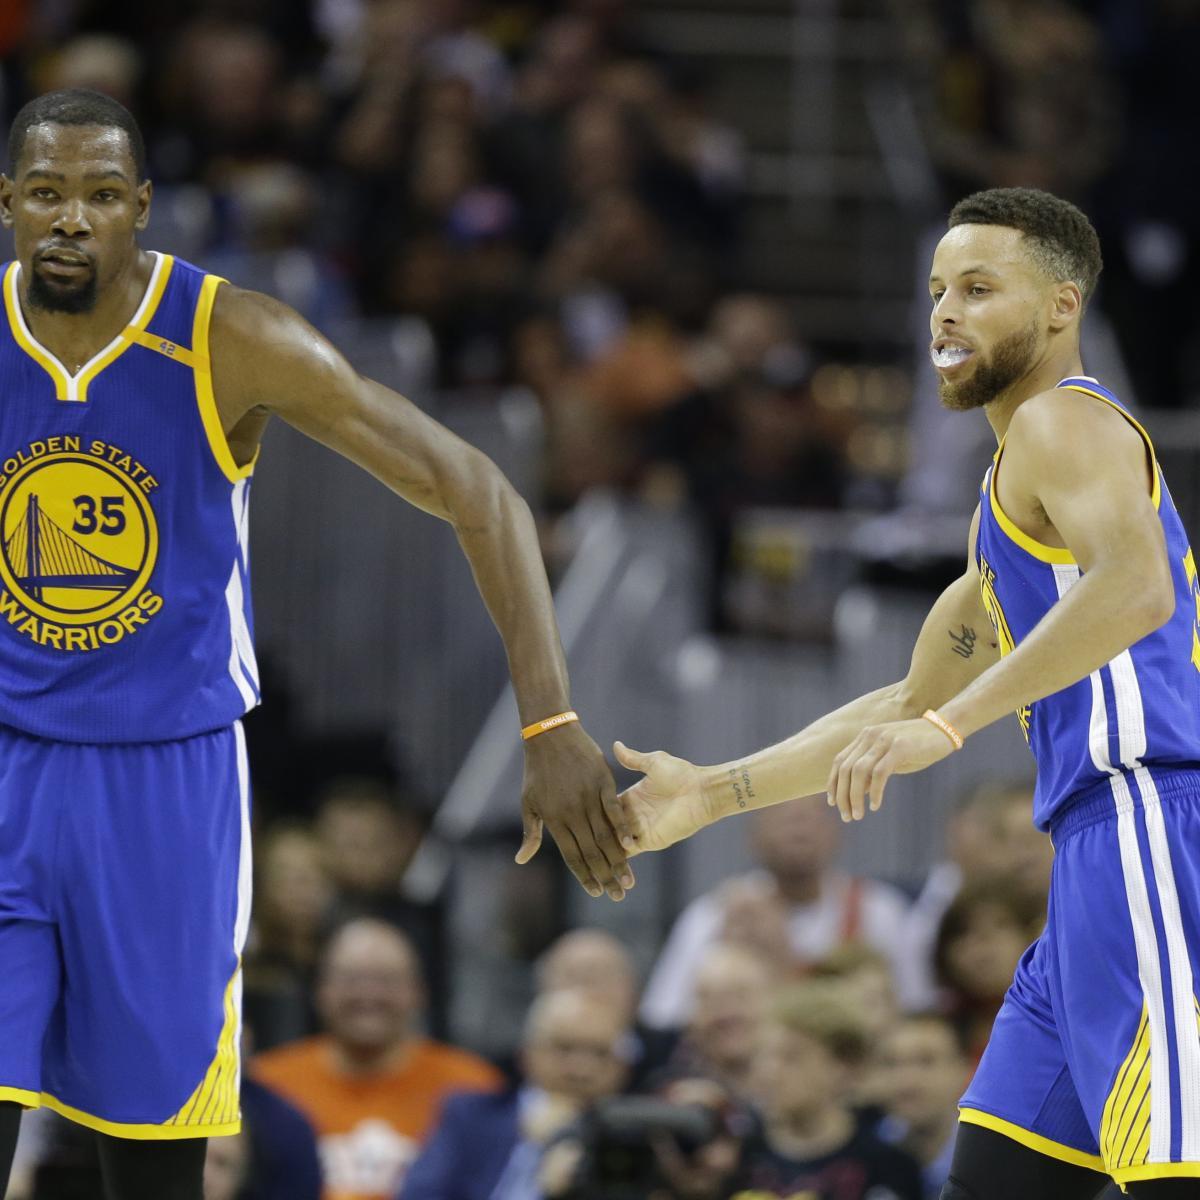 Warriors Game Broadcast Tv: NBA Finals Schedule 2017: Cavaliers Vs. Warriors Game 4 TV